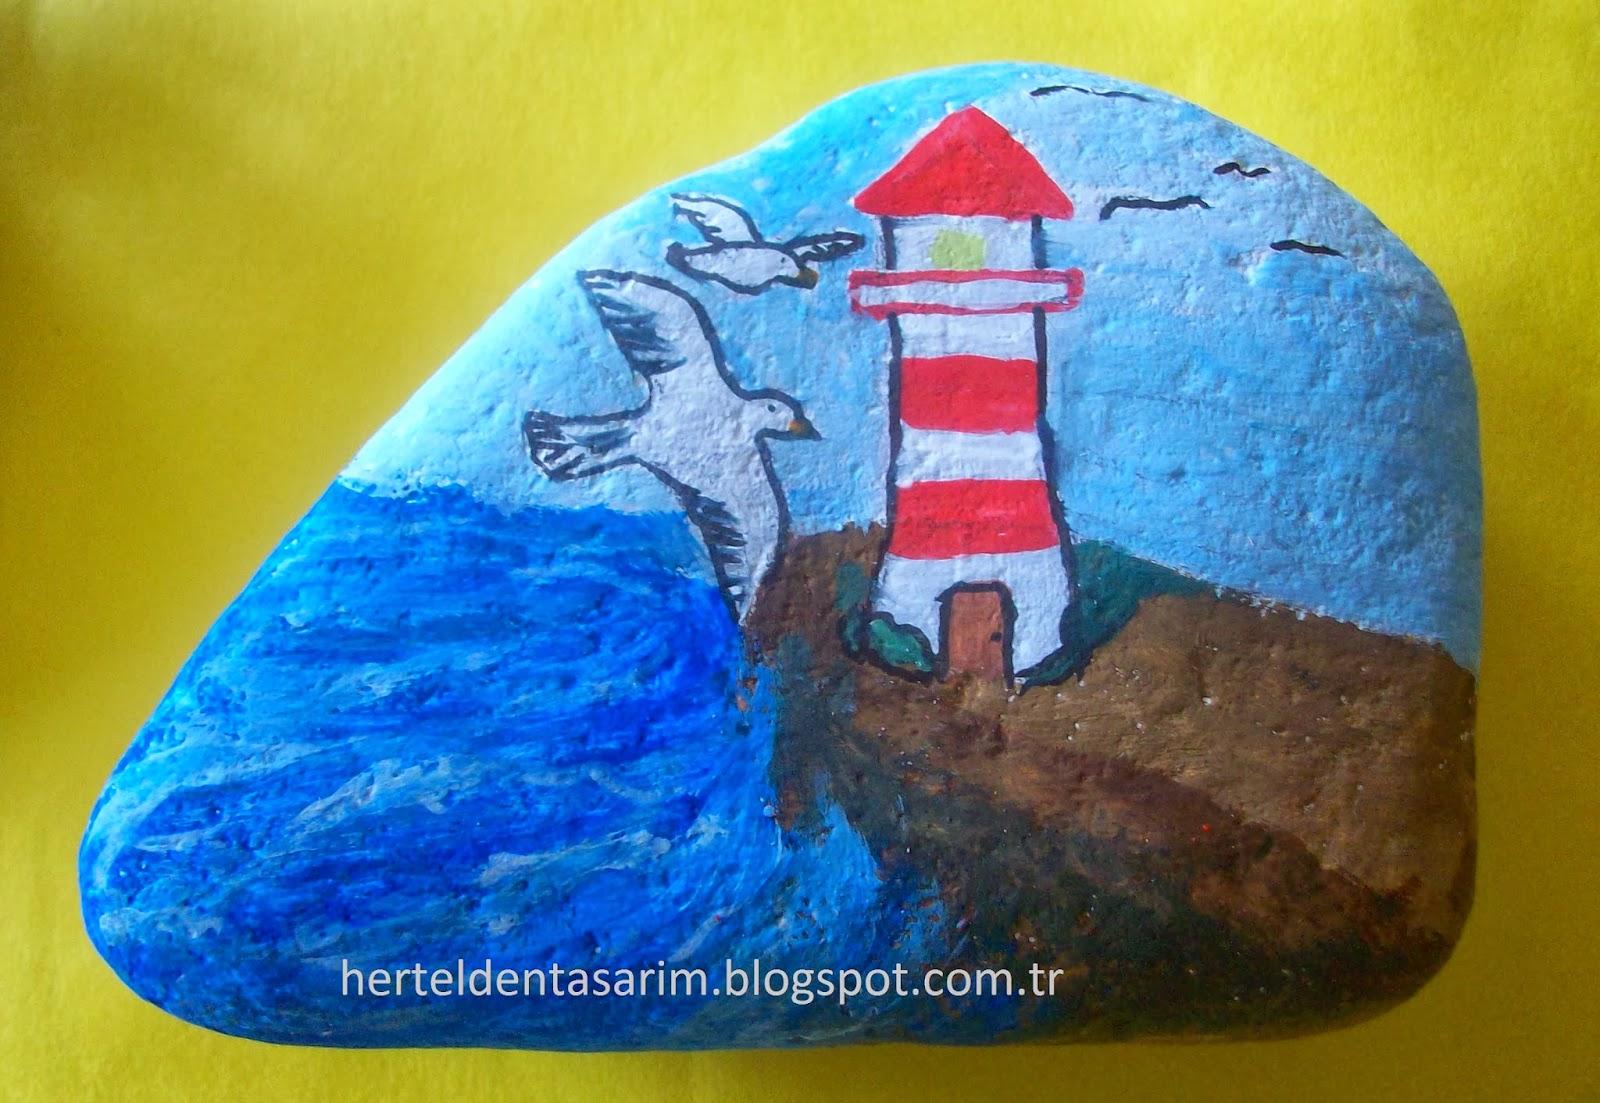 Herteldentasarim Tas Boyama Ornekleri Stone Painting